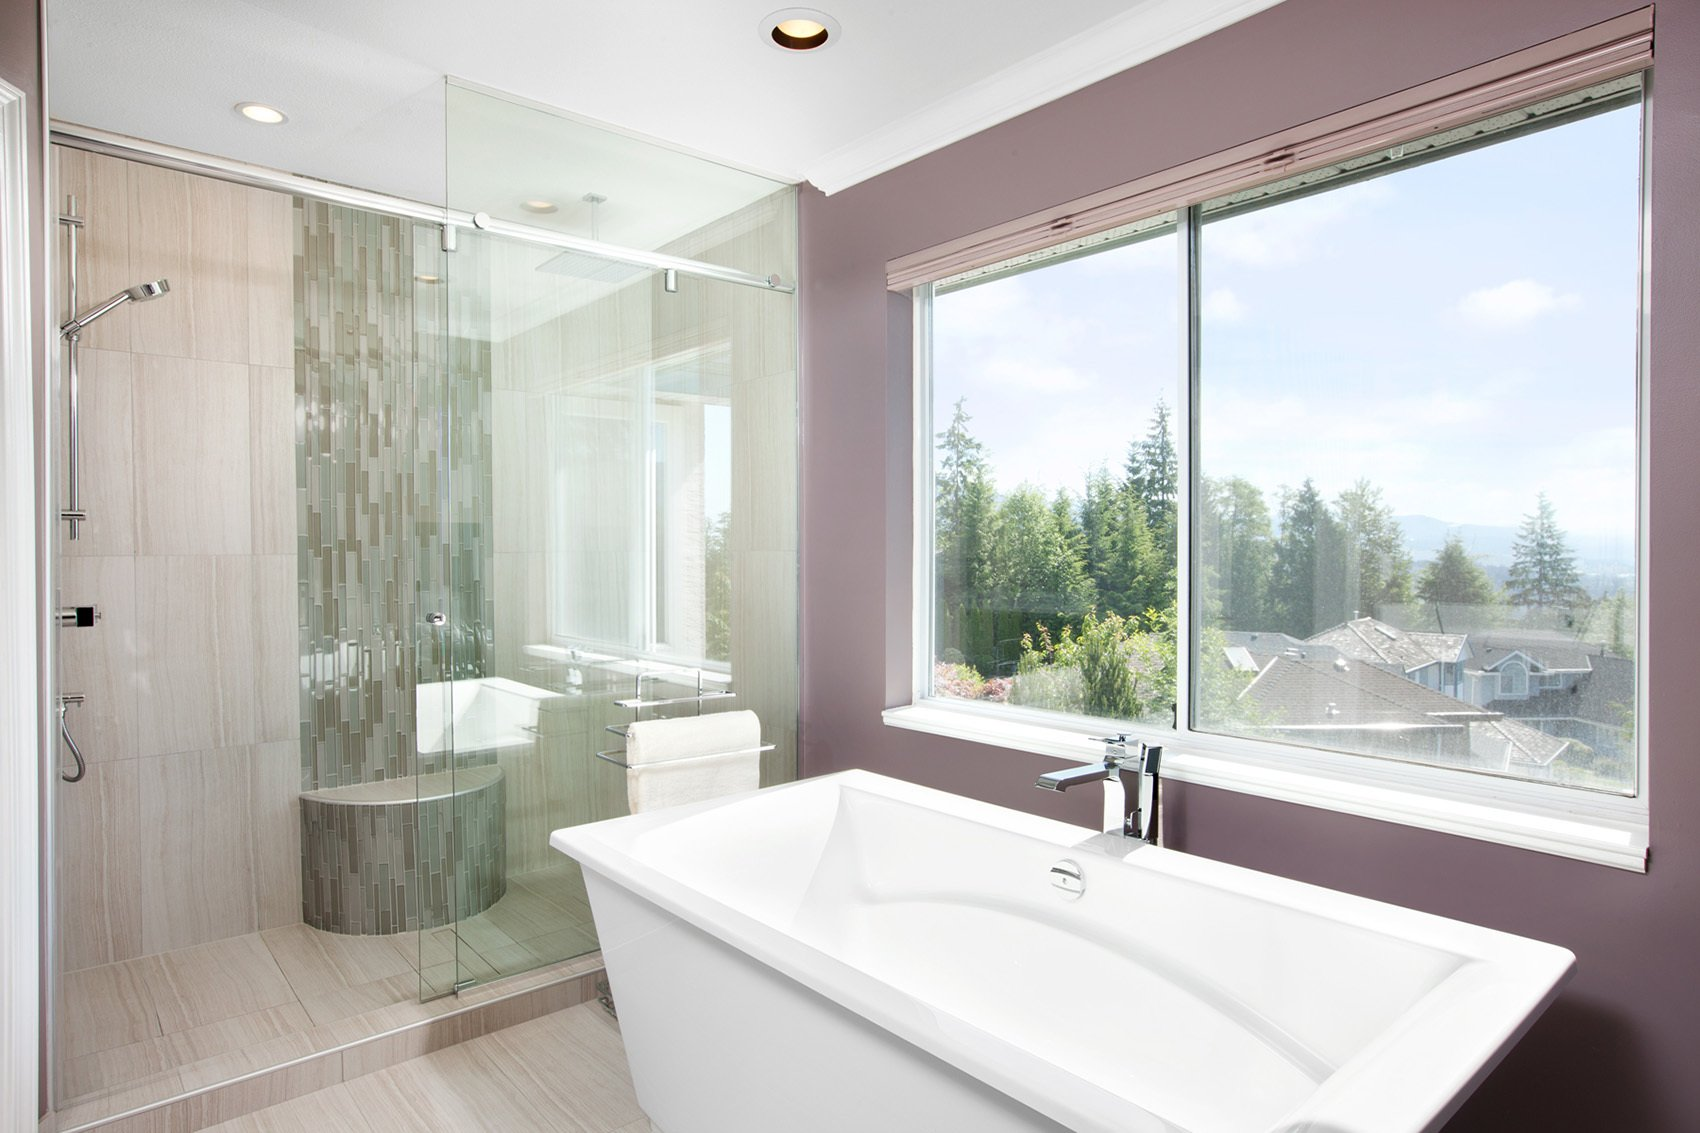 Destination bath tub in luxurious custom spa bathroom